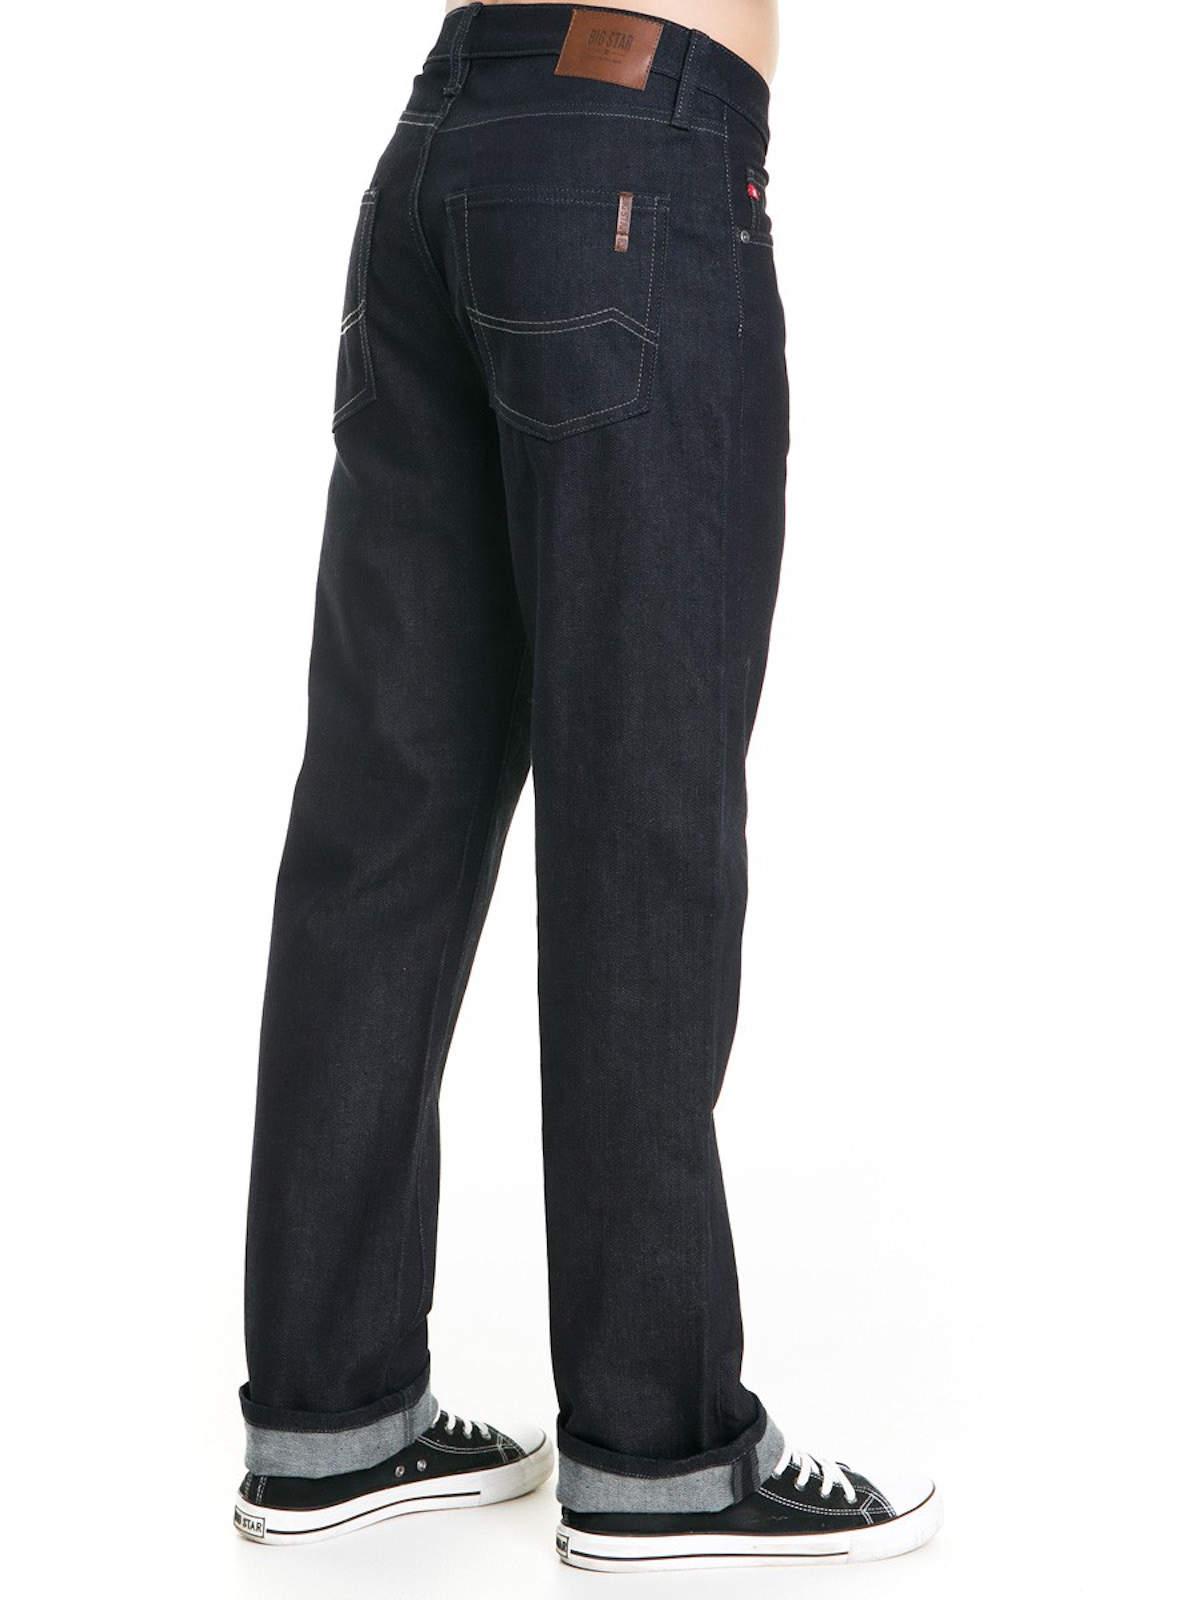 Big-Star-Jeans-Colt-497-Regular-Fit-Herren-Hose-Straight-Leg-Medium-Denim-NEU Indexbild 5